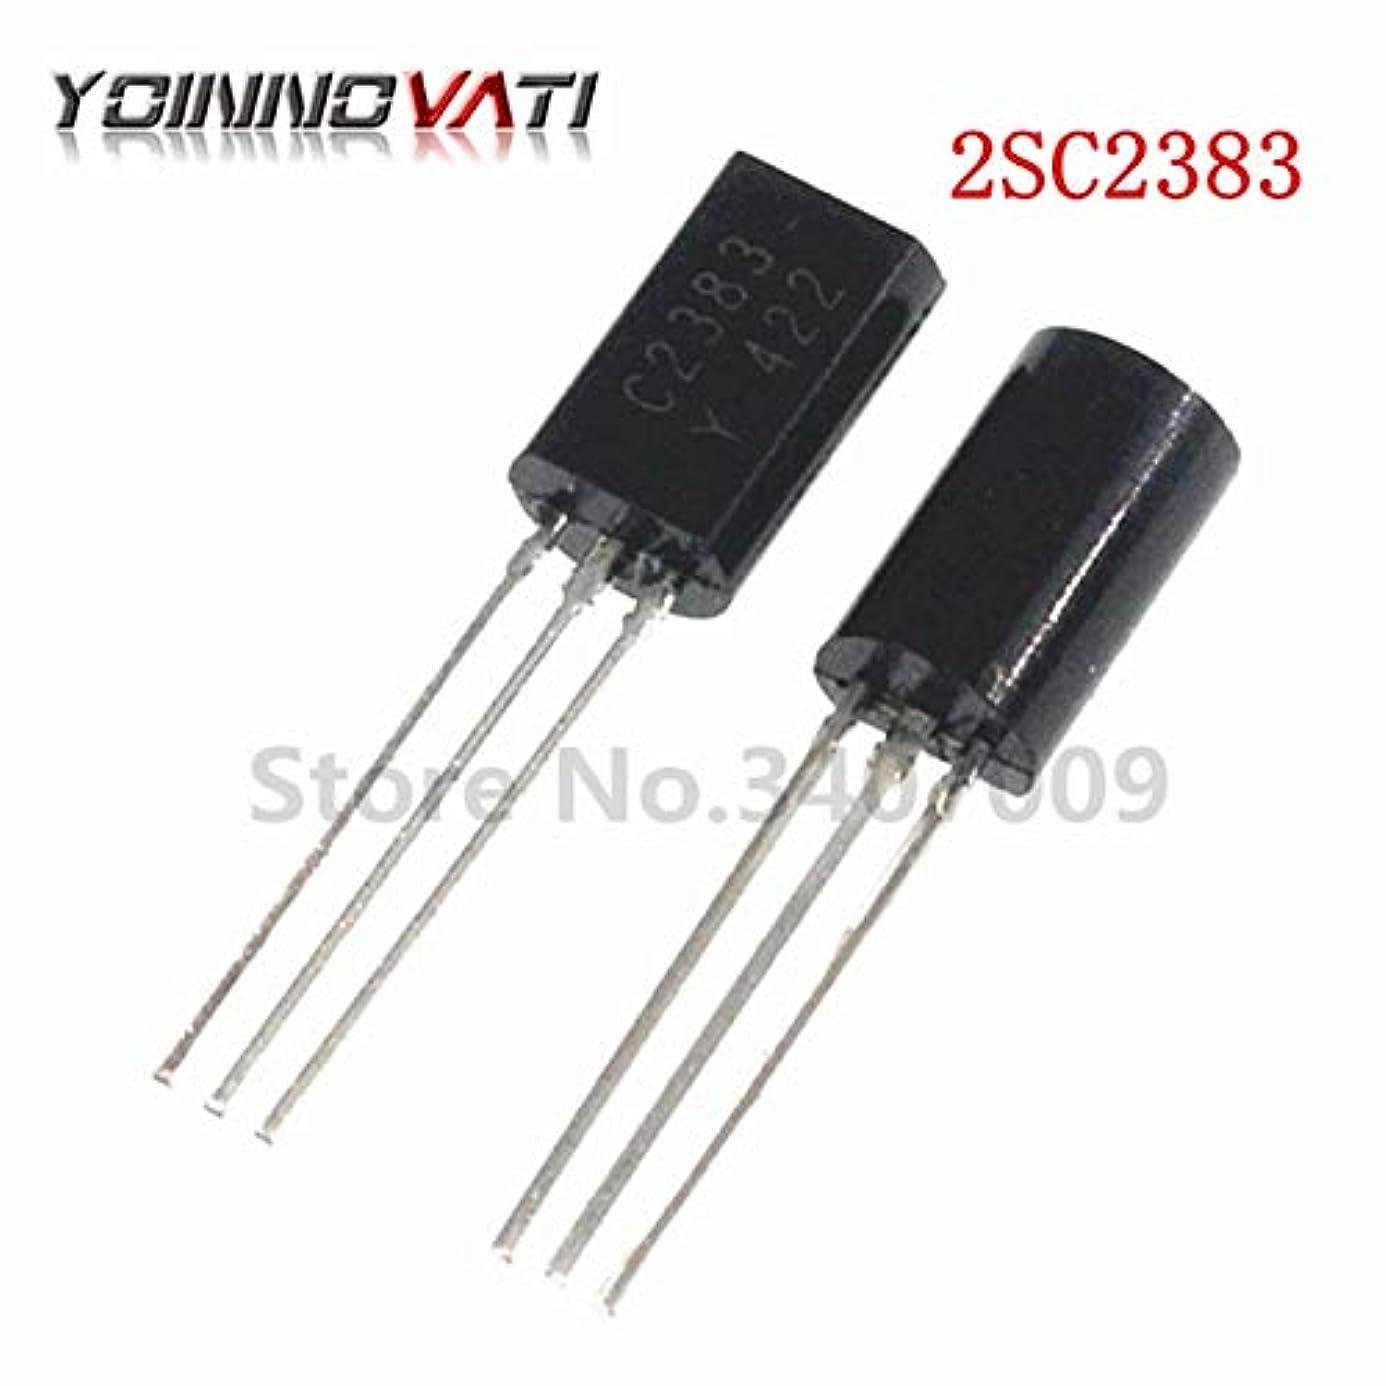 Gimax 50PCS/Lot C2383 2SC2383 2SC2383Y 2SC2383-Y Audio Power Triode TO-92